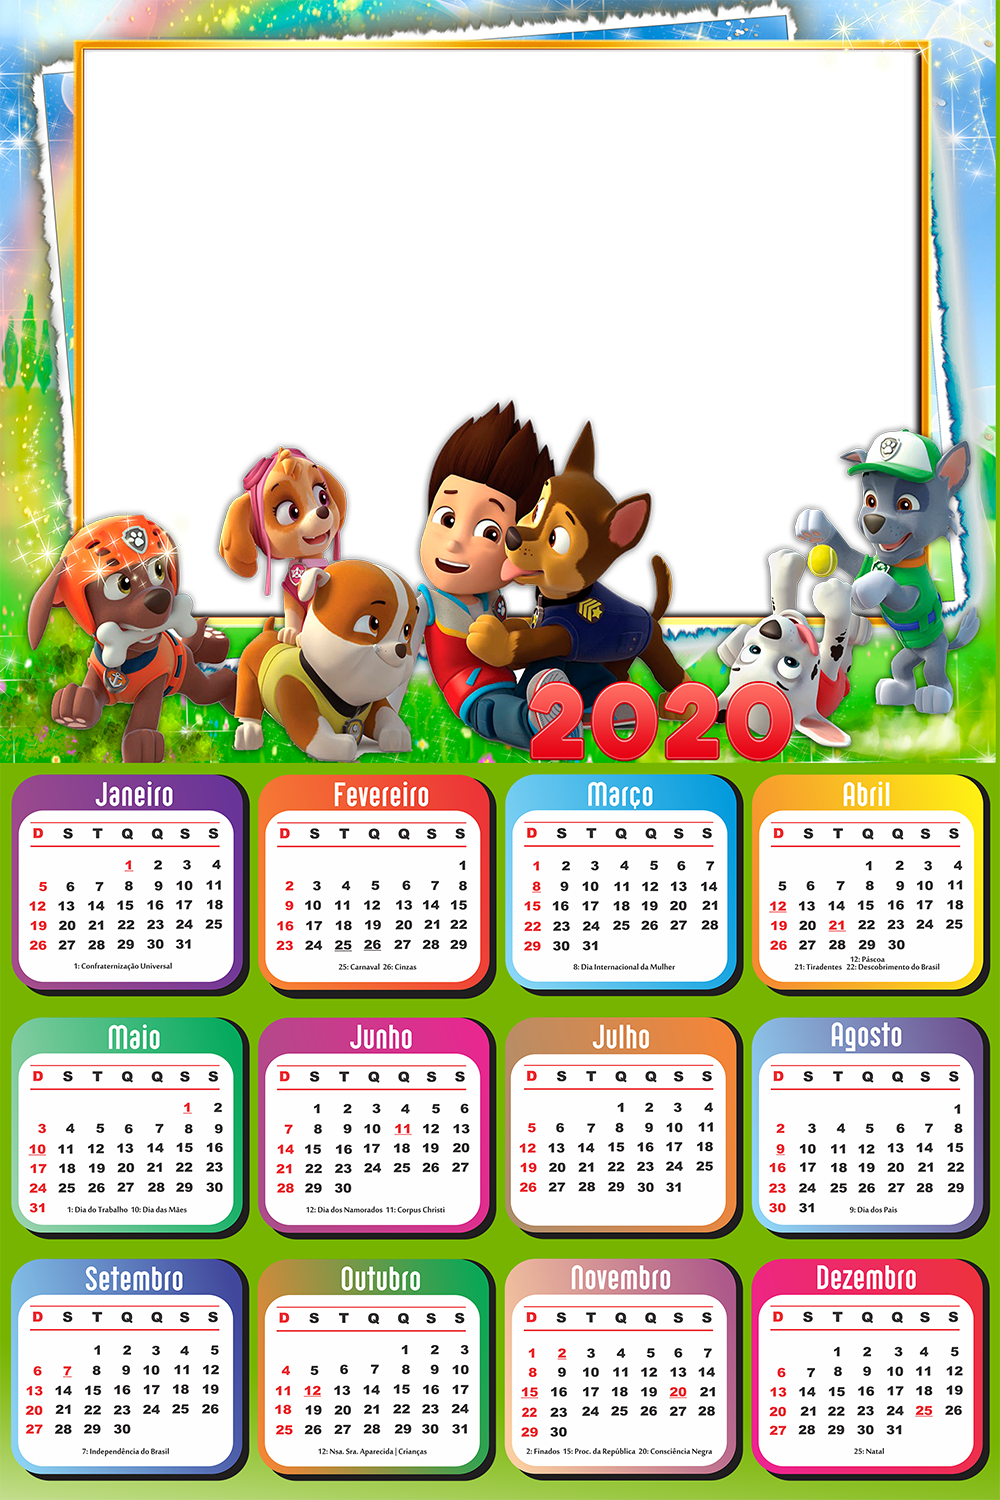 Moldura Png Calendário 2020 Personagens Patrulha Canina